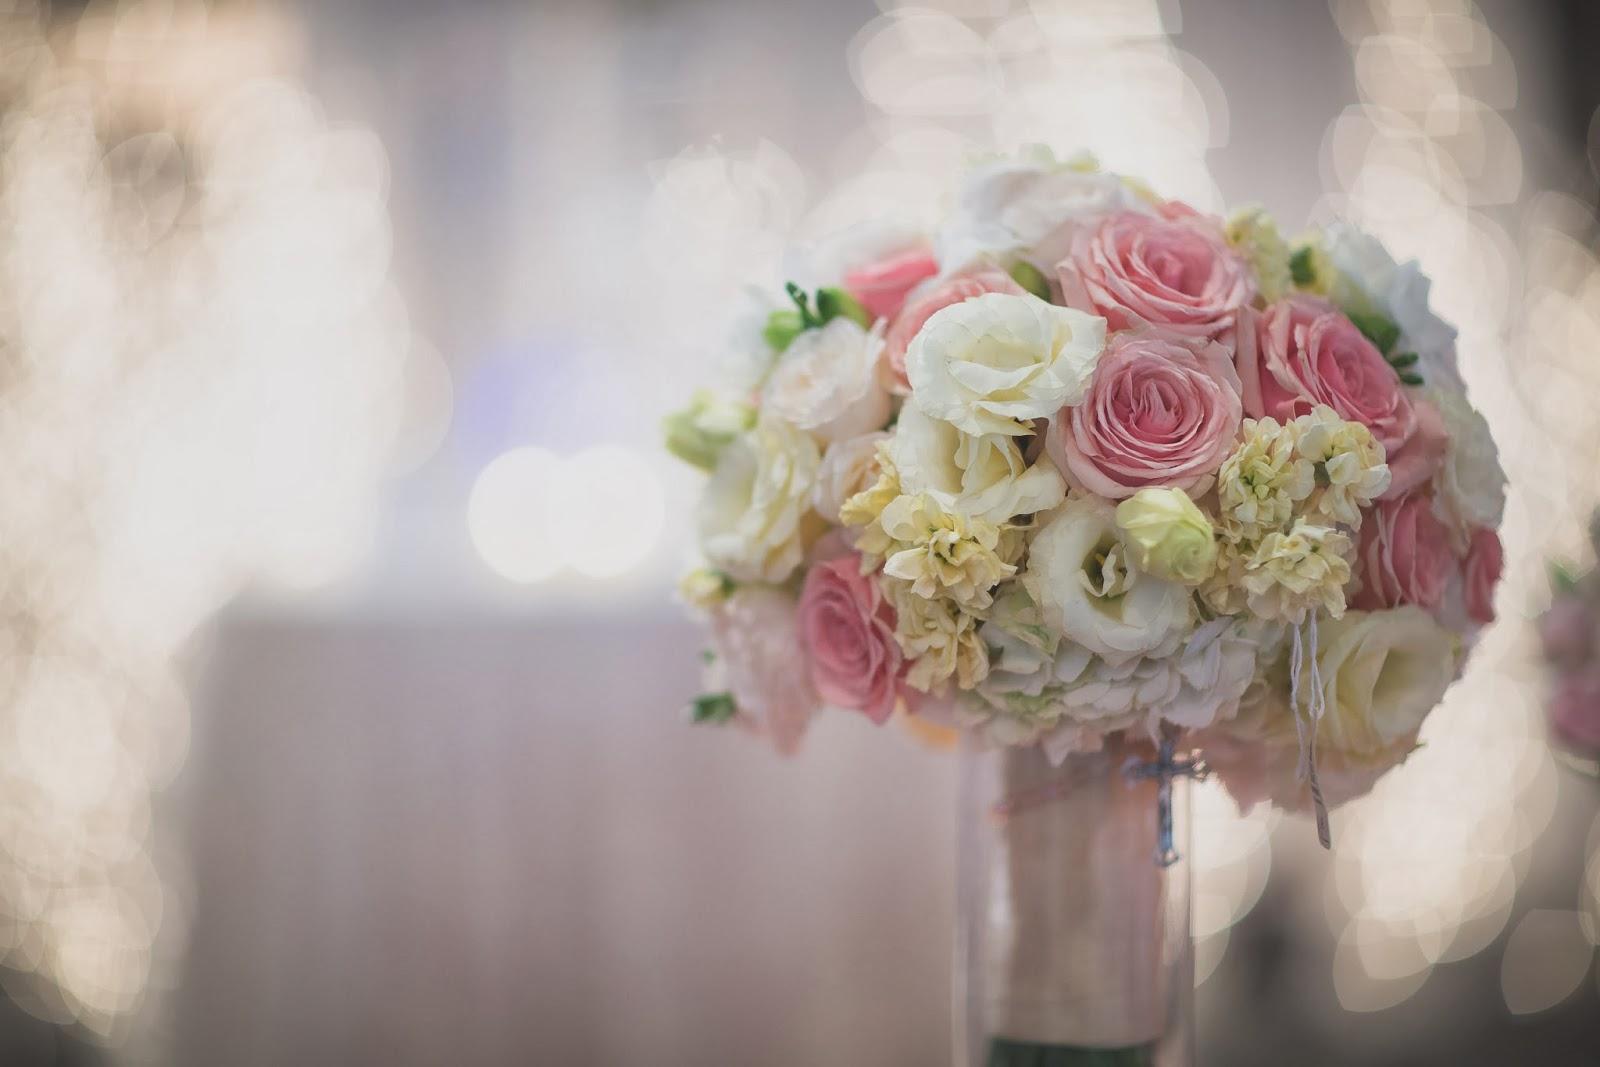 Jason Switzer graphy Viviano s Bridal Extravaganza 2014